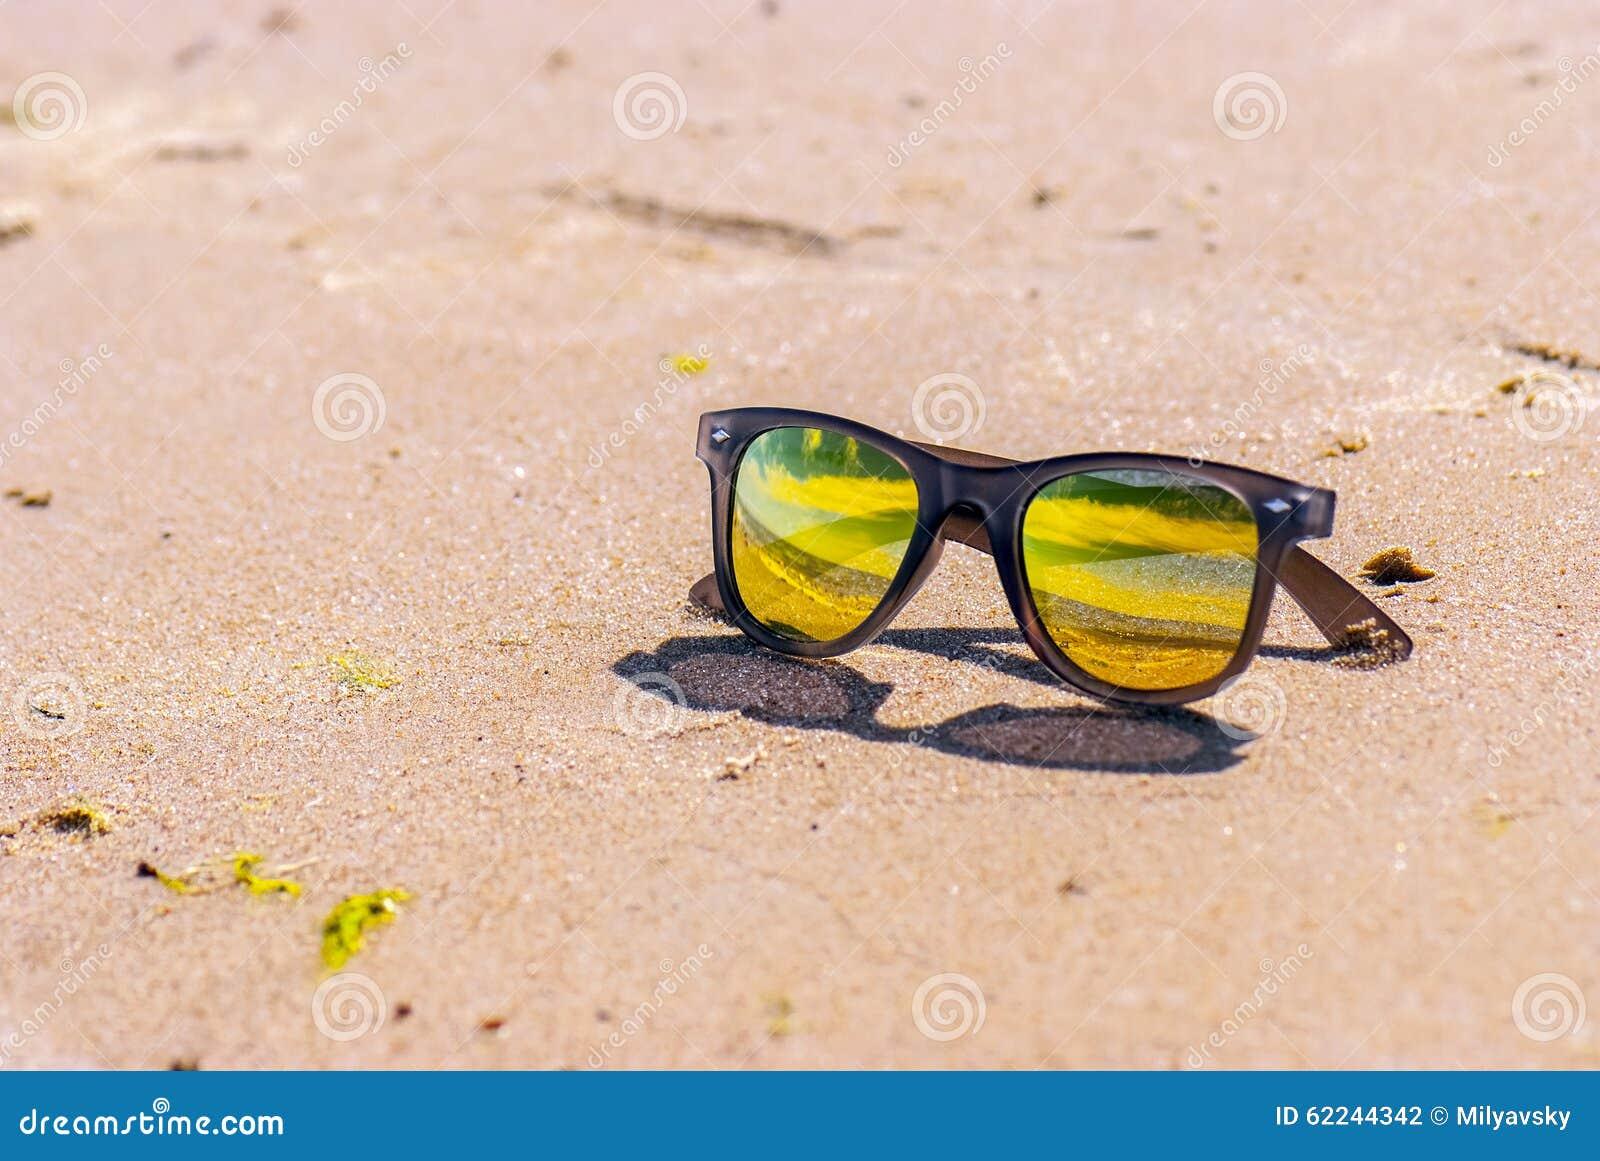 Niebo odbija w okularach przeciwsłonecznych, plaża